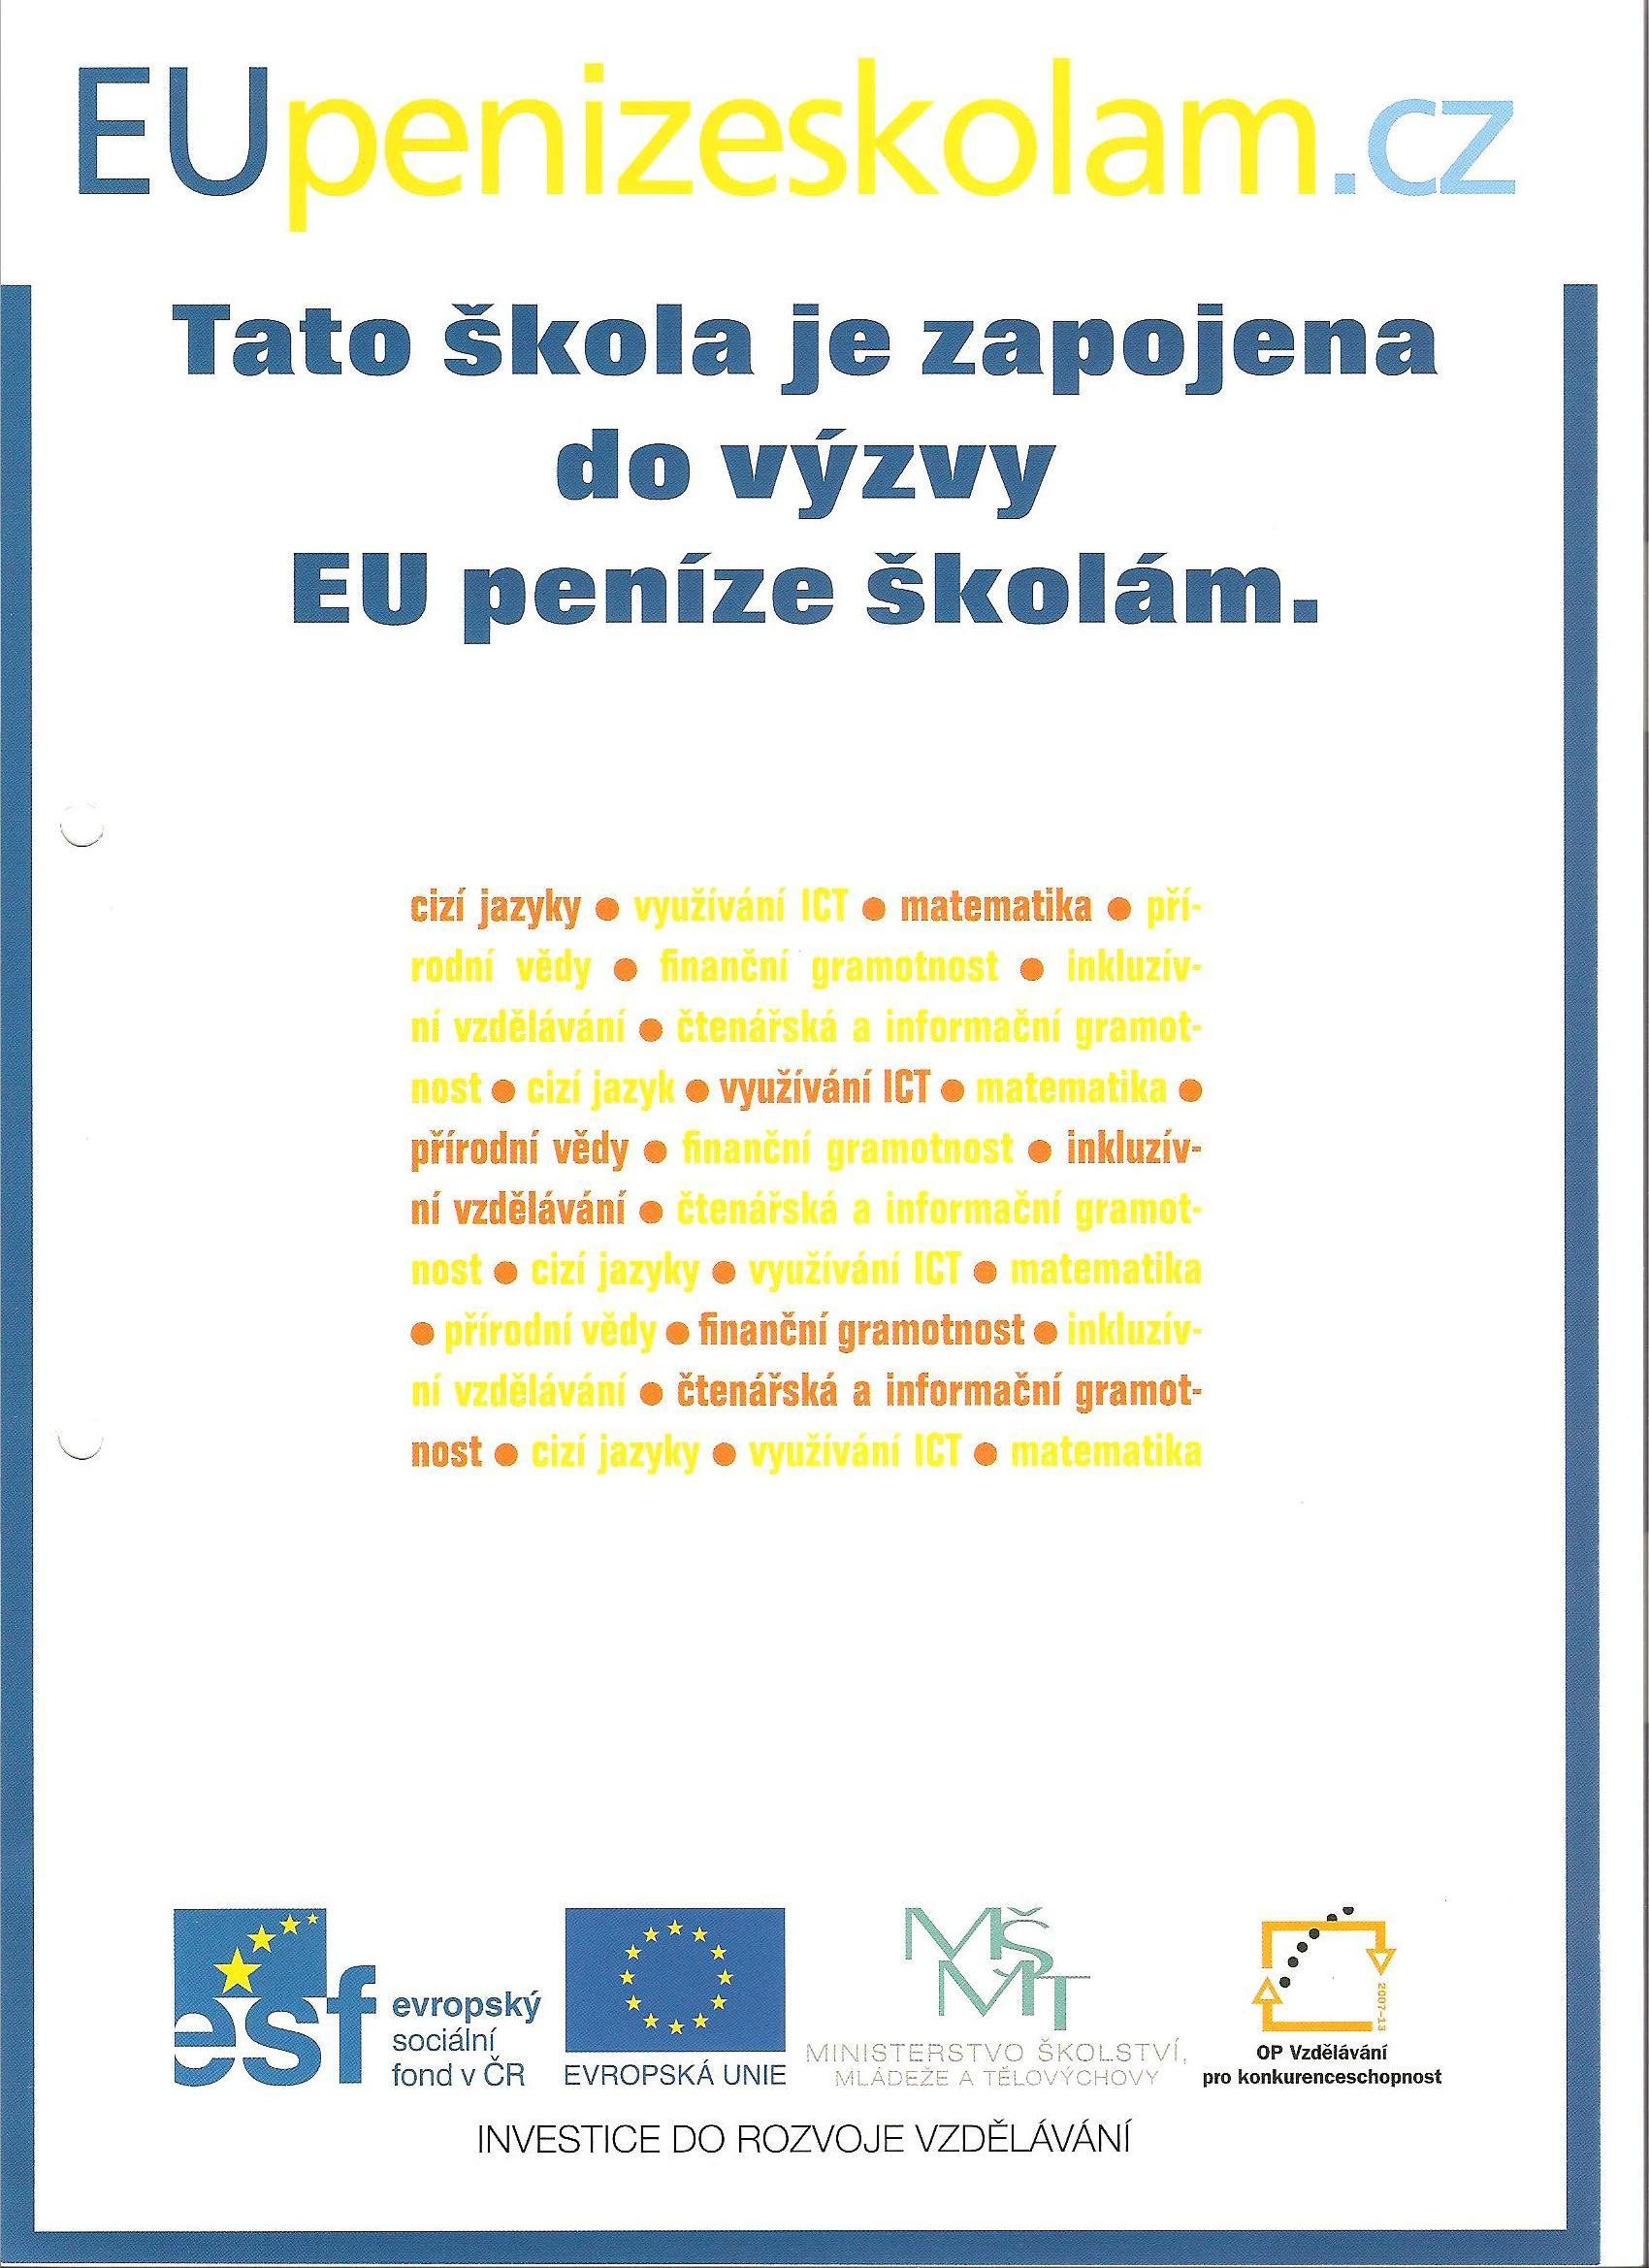 Tato škola je zapojena do výzvy EU peníze školám